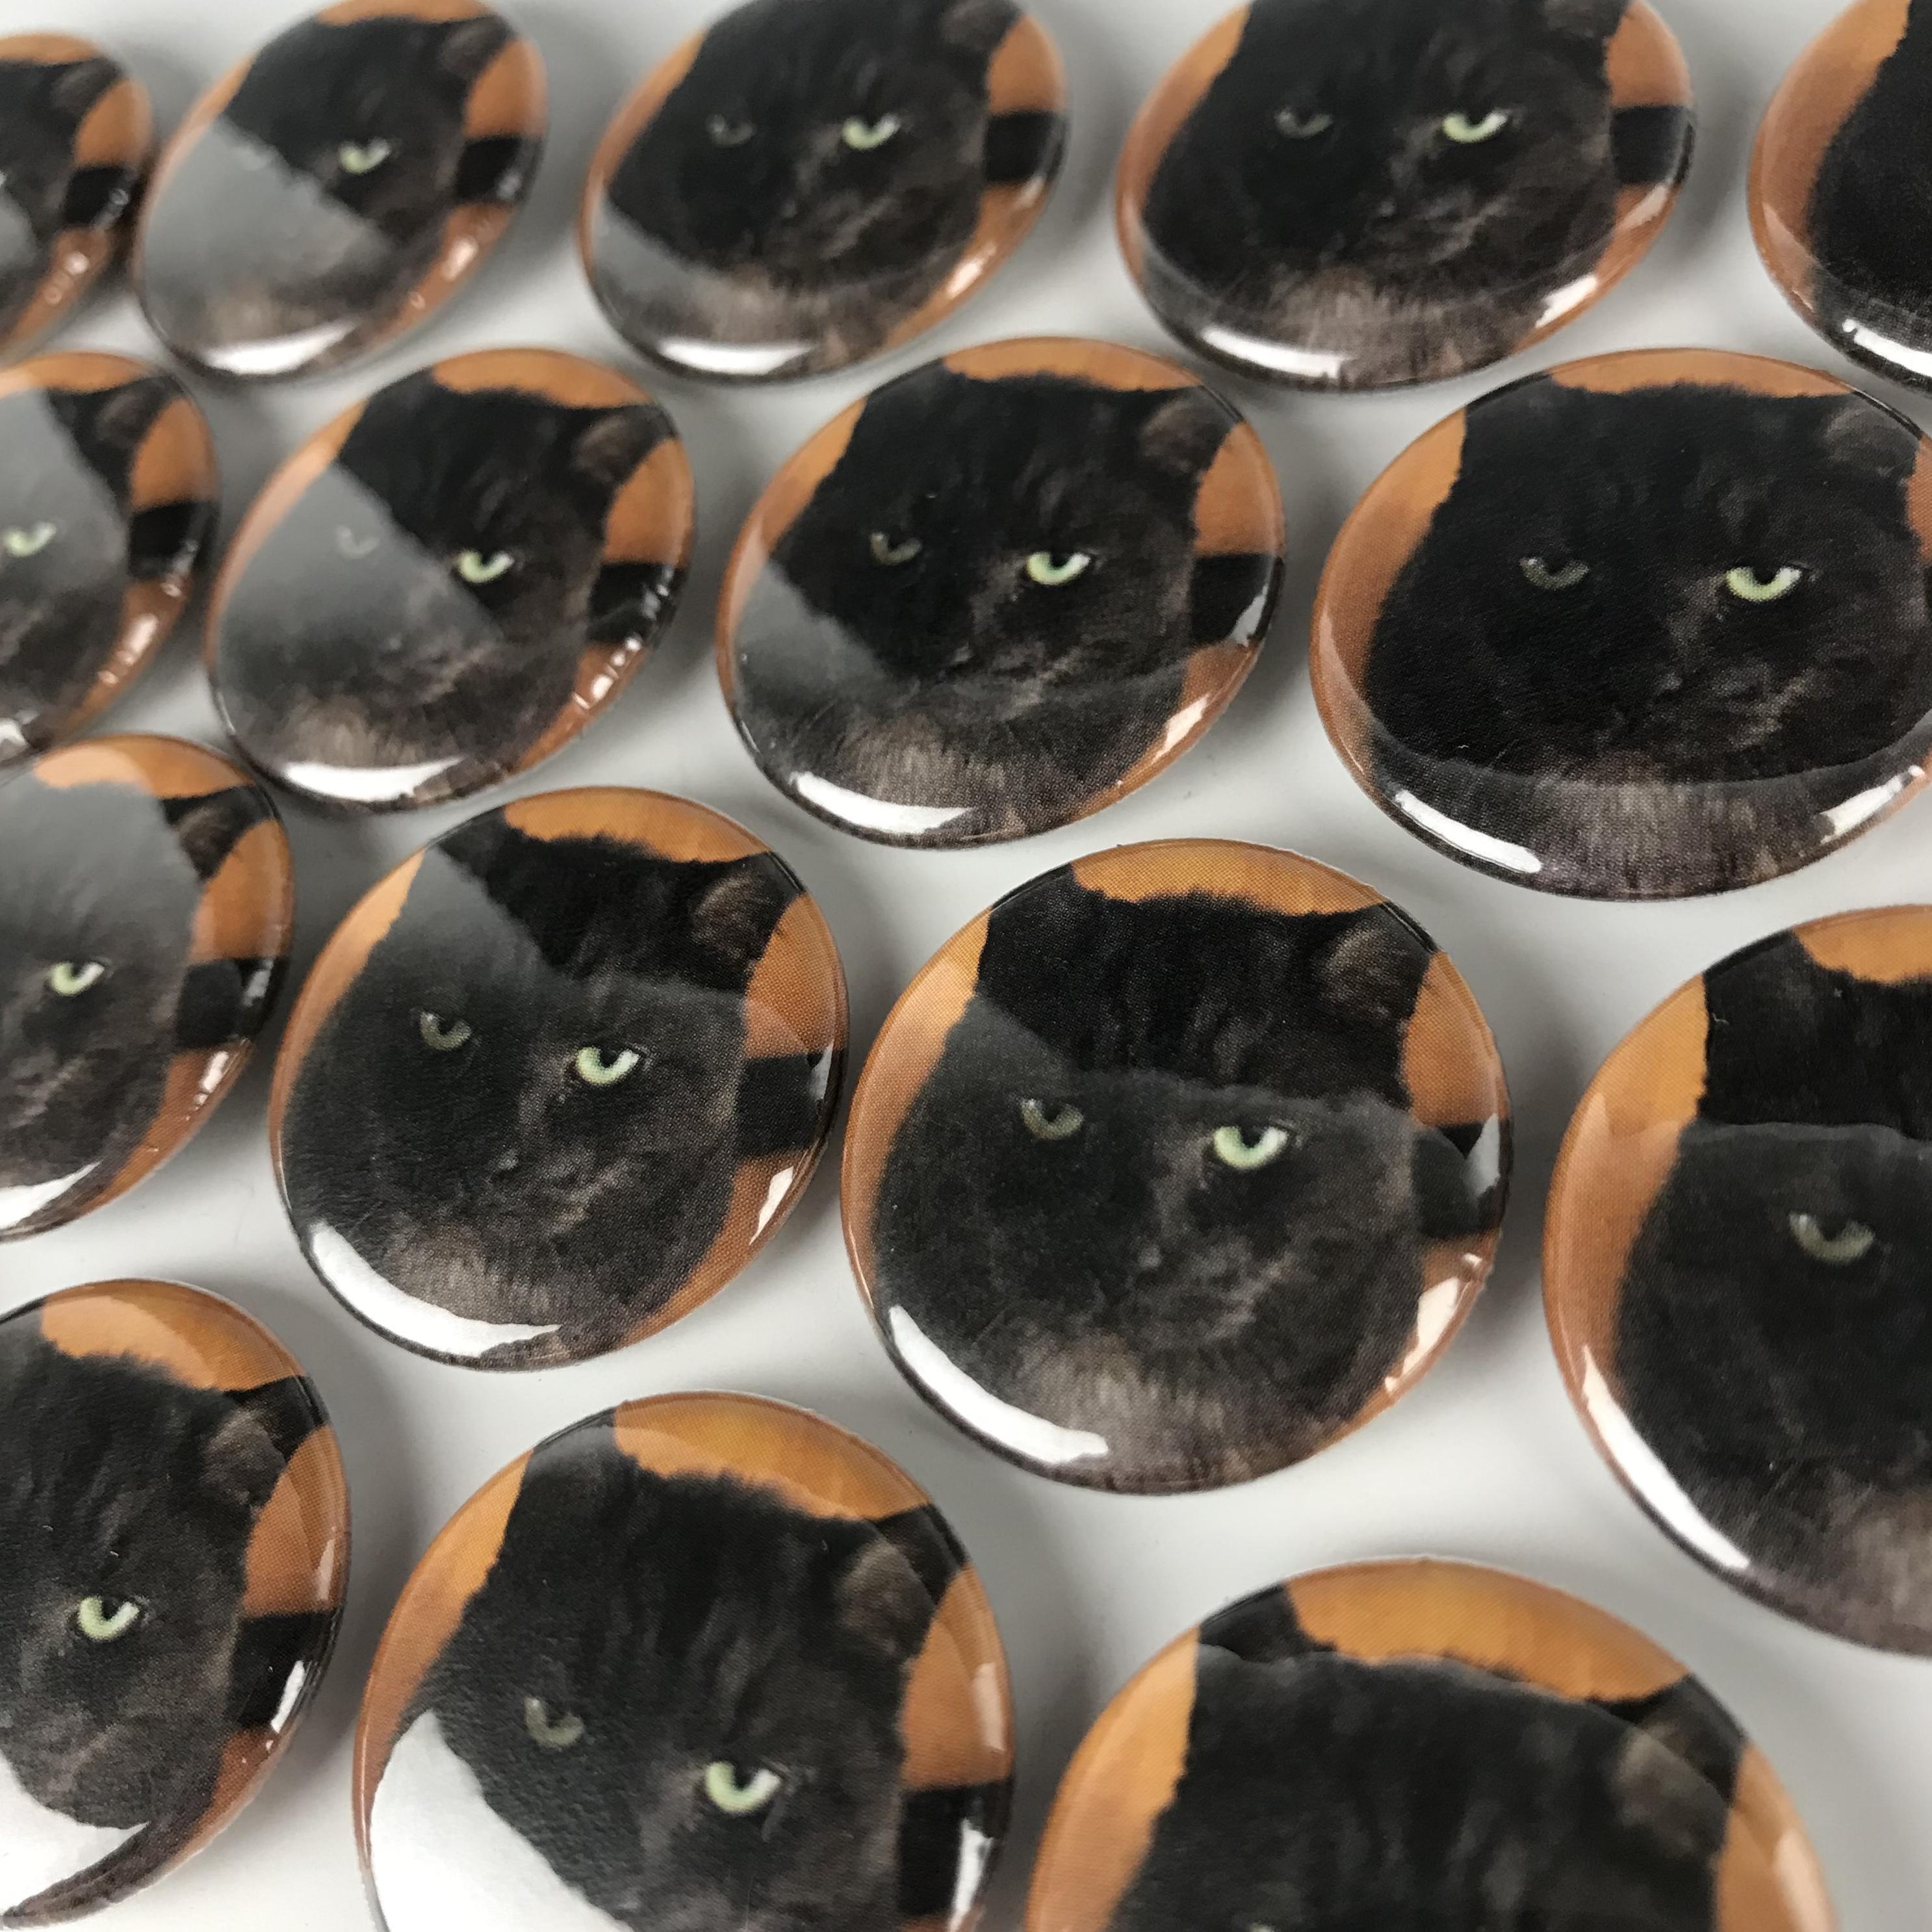 e7a47dcc10e78 1 Inch Round Custom Buttons | Custom Buttons - 24HourWristbands.Com